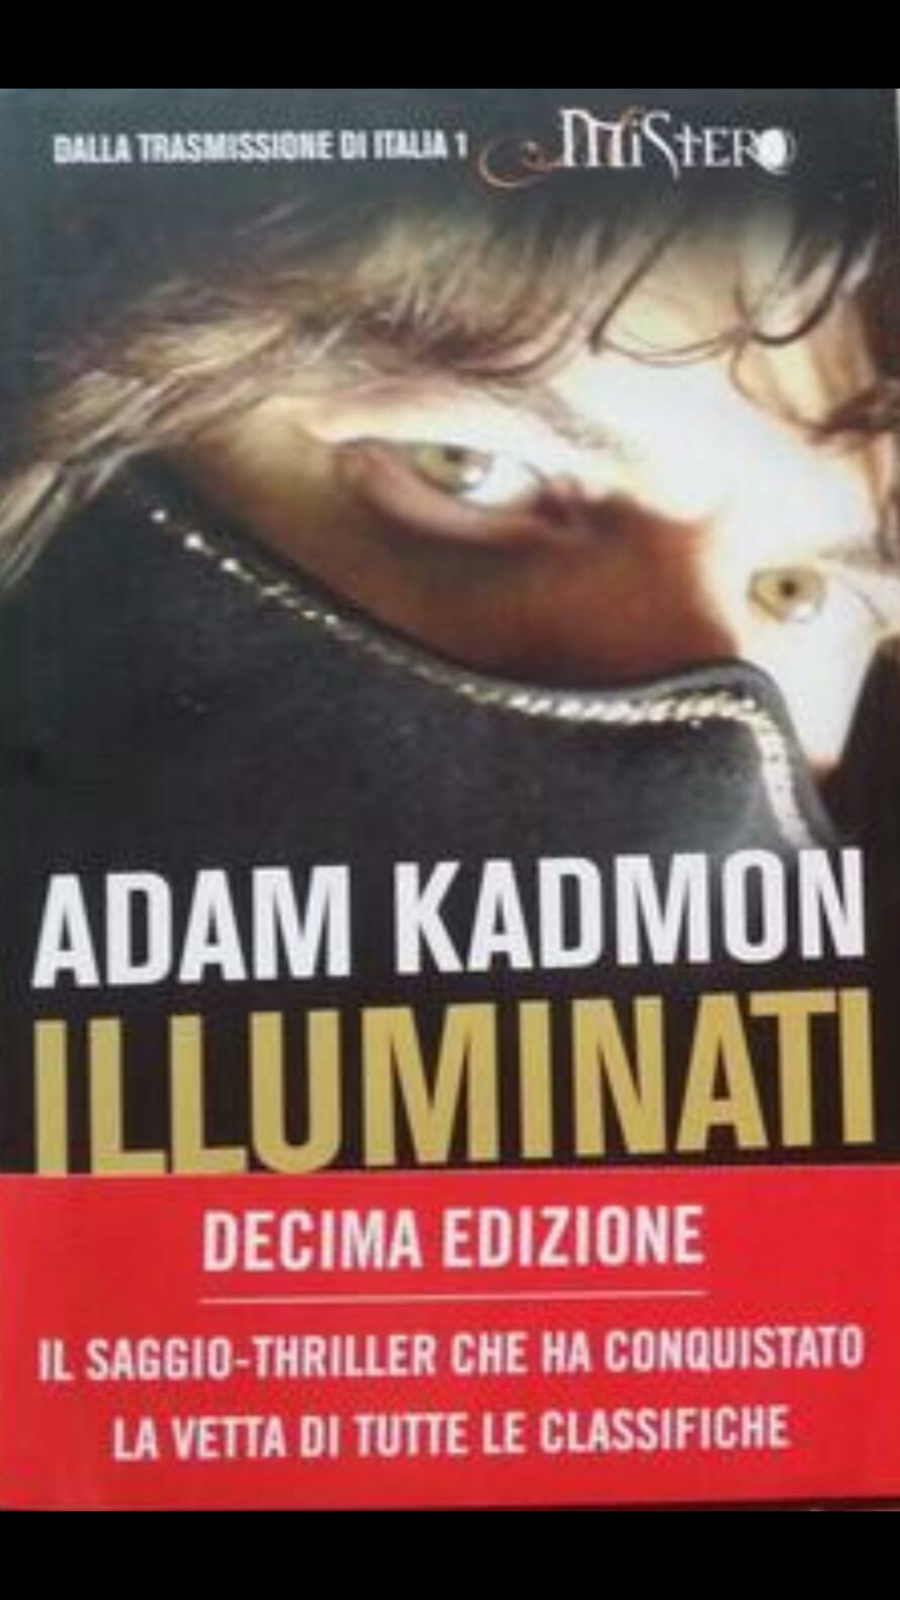 ILLUMINATI : il Super Bestseller scritto da ADAM KADMON (2013).